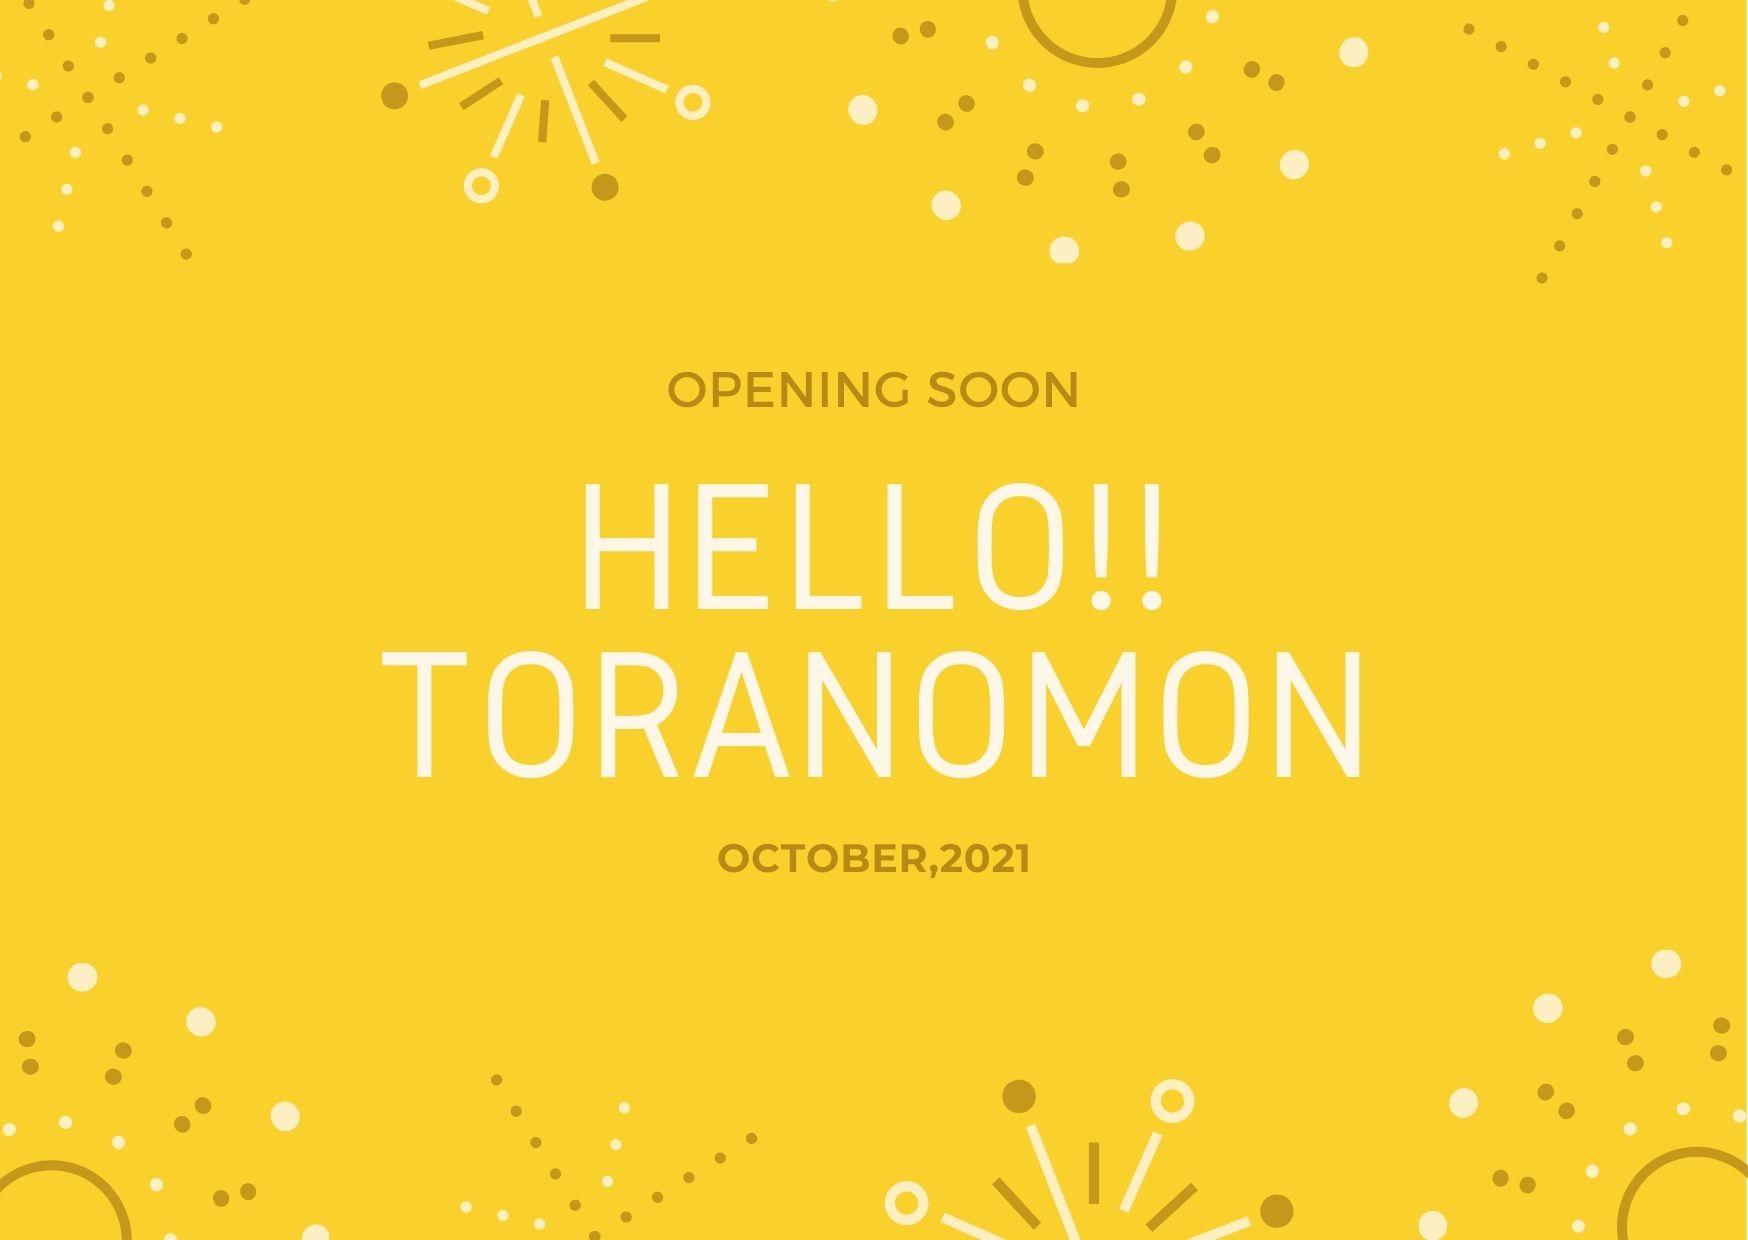 【新規OPEN】10月、虎ノ門スタジオがオープンします!(予告)